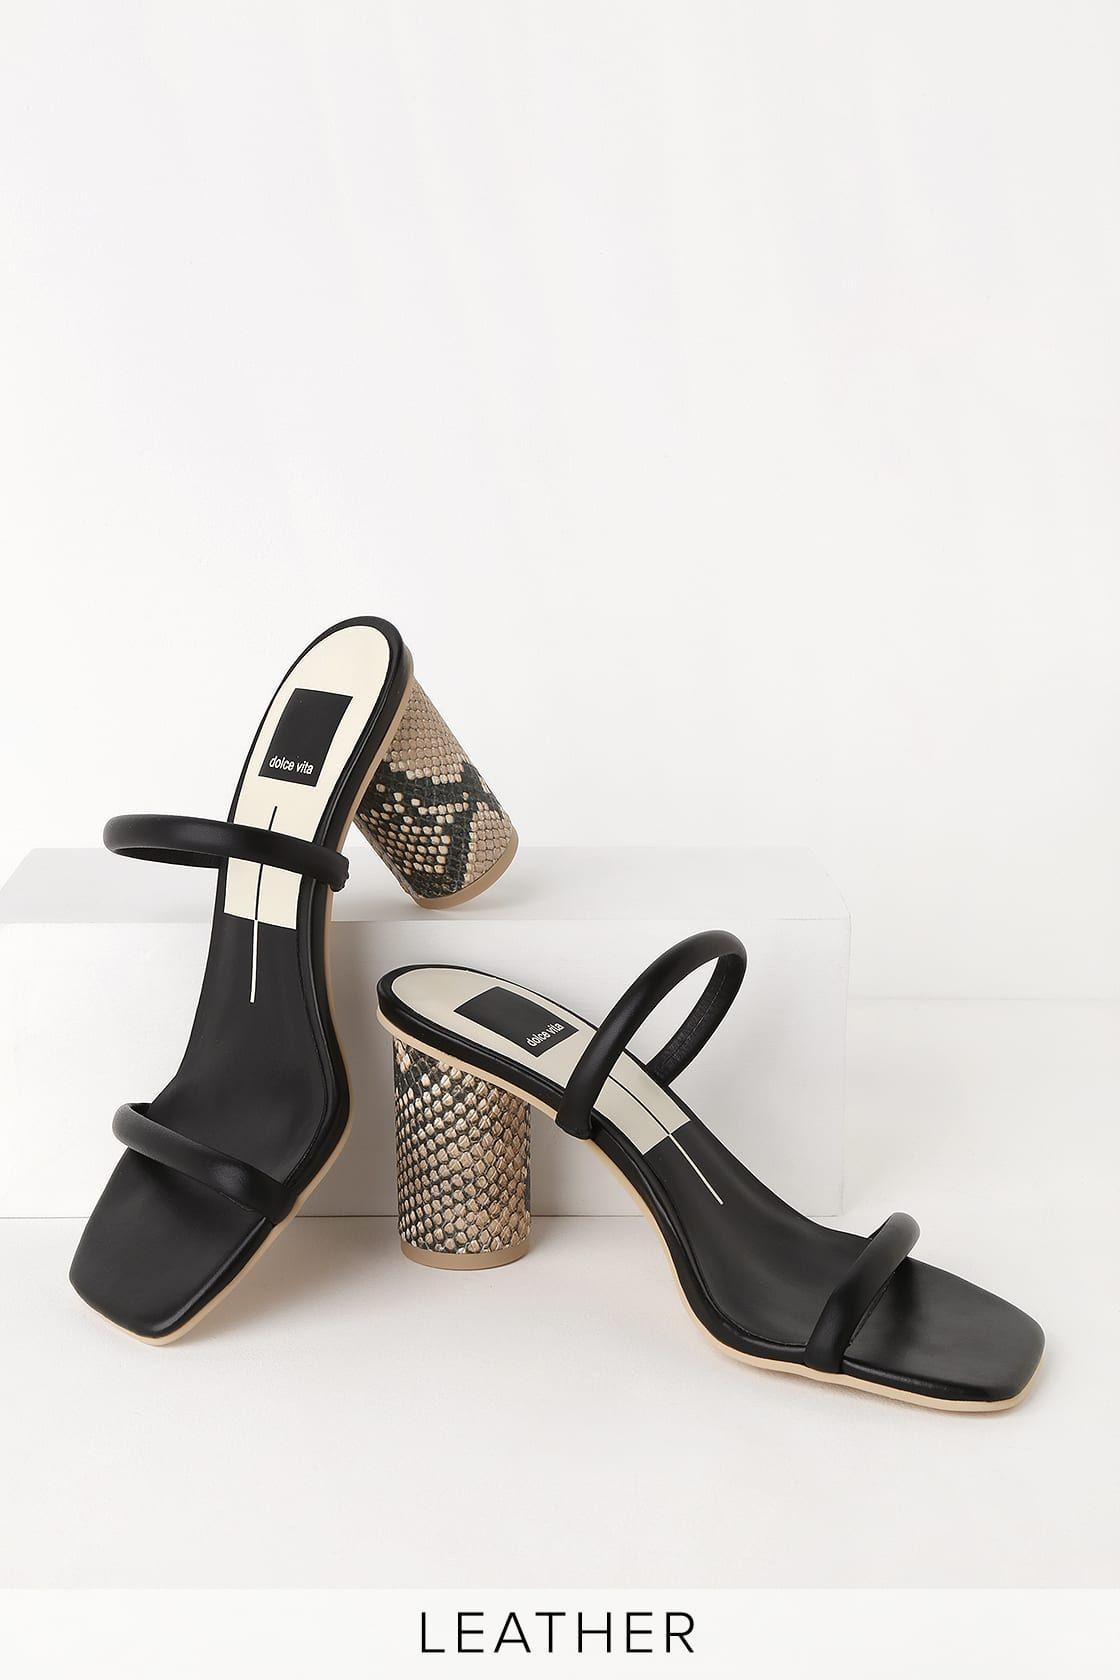 Noles Black Leather High Heel Sandals In 2020 Sandals Heels High Heel Sandals Black Leather Heels